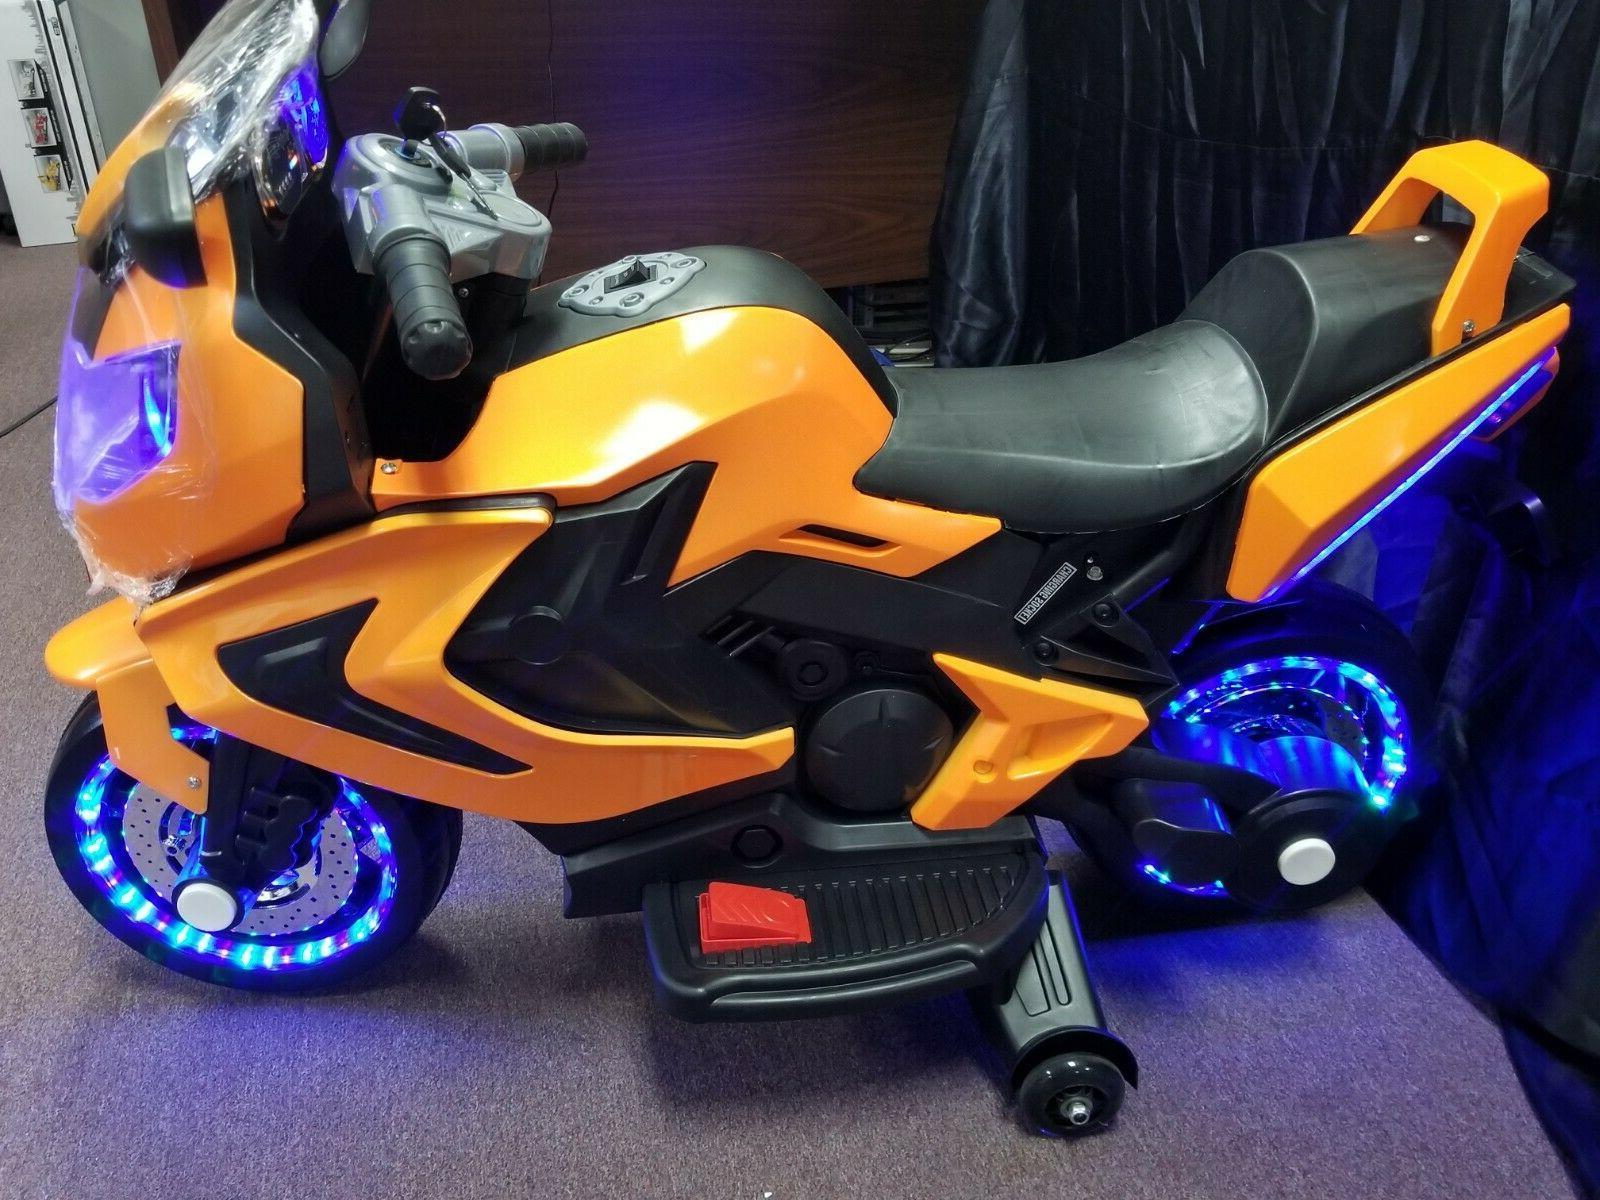 New KIDS RIDE ON SPORTS BIKE power wheel